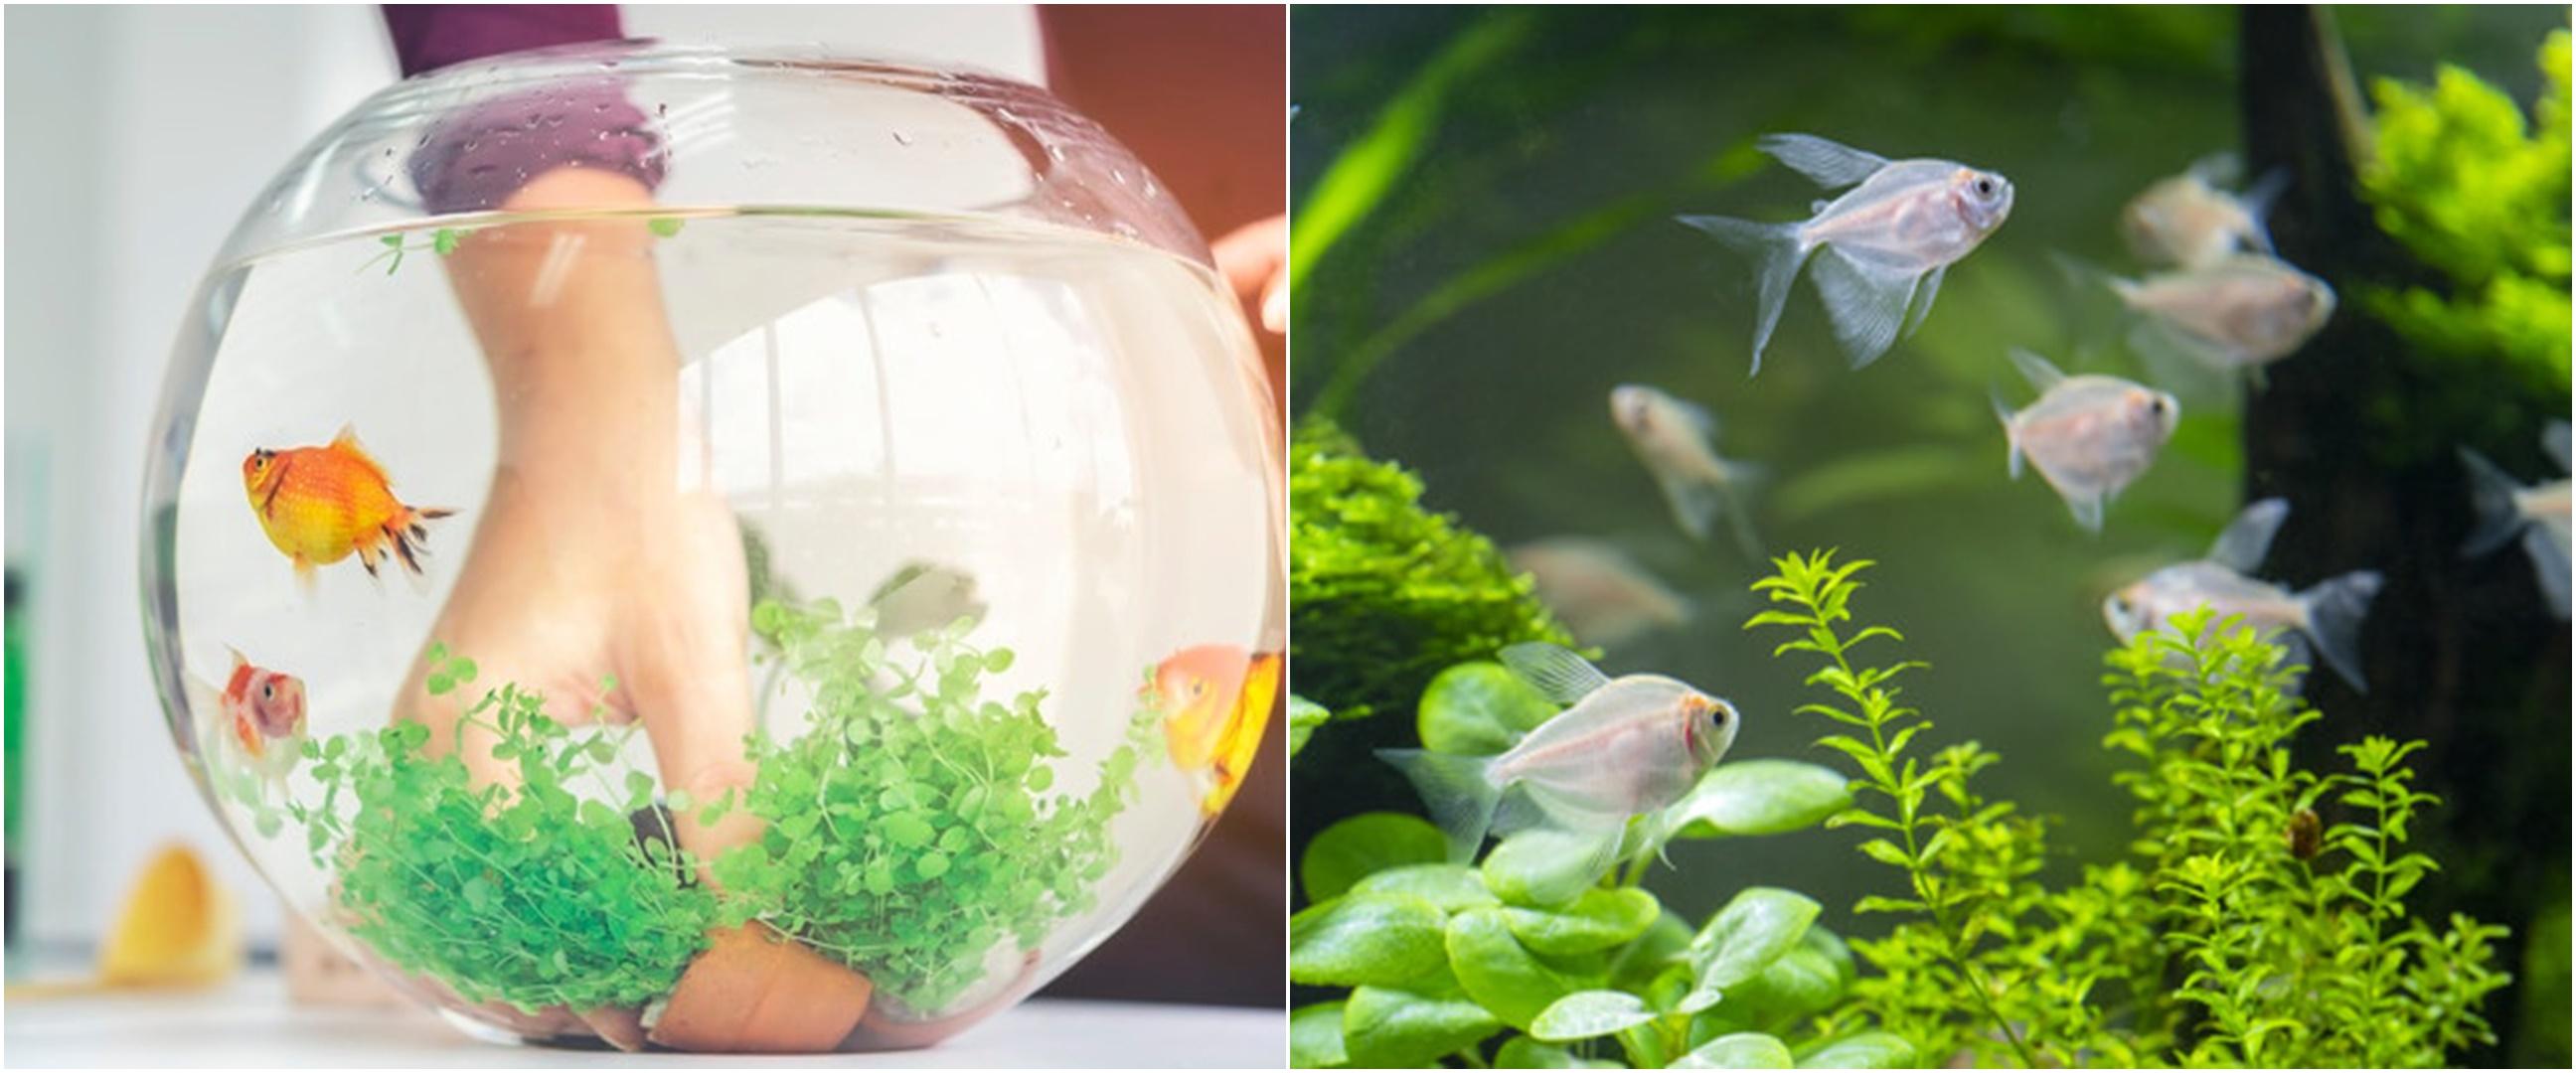 7 Cara membuat aquascape untuk pemula, mudah dan murah